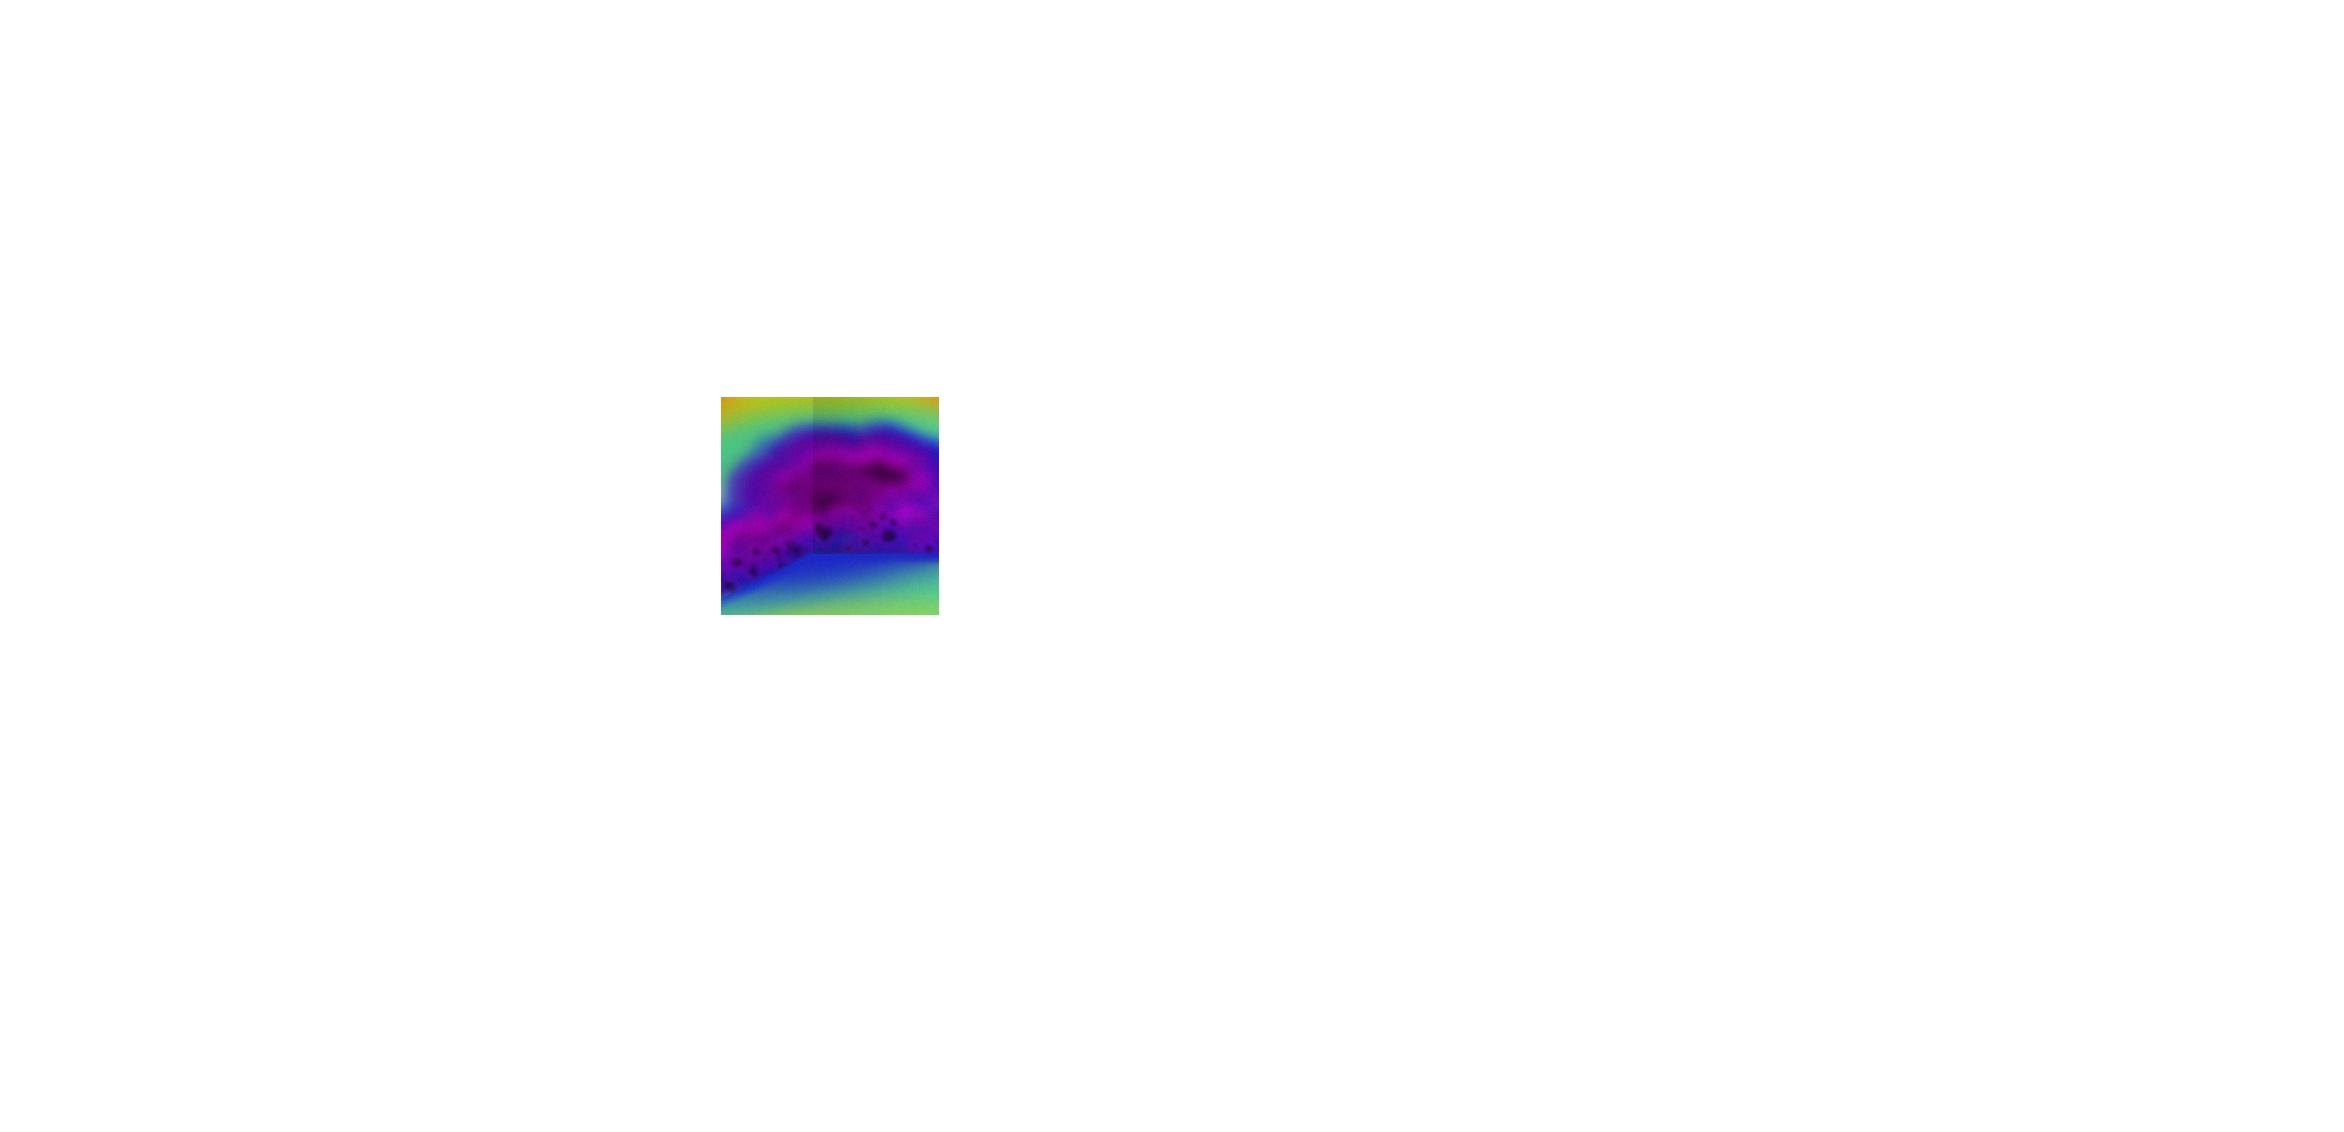 Imagen termográfica compatible con humedad de cimientos